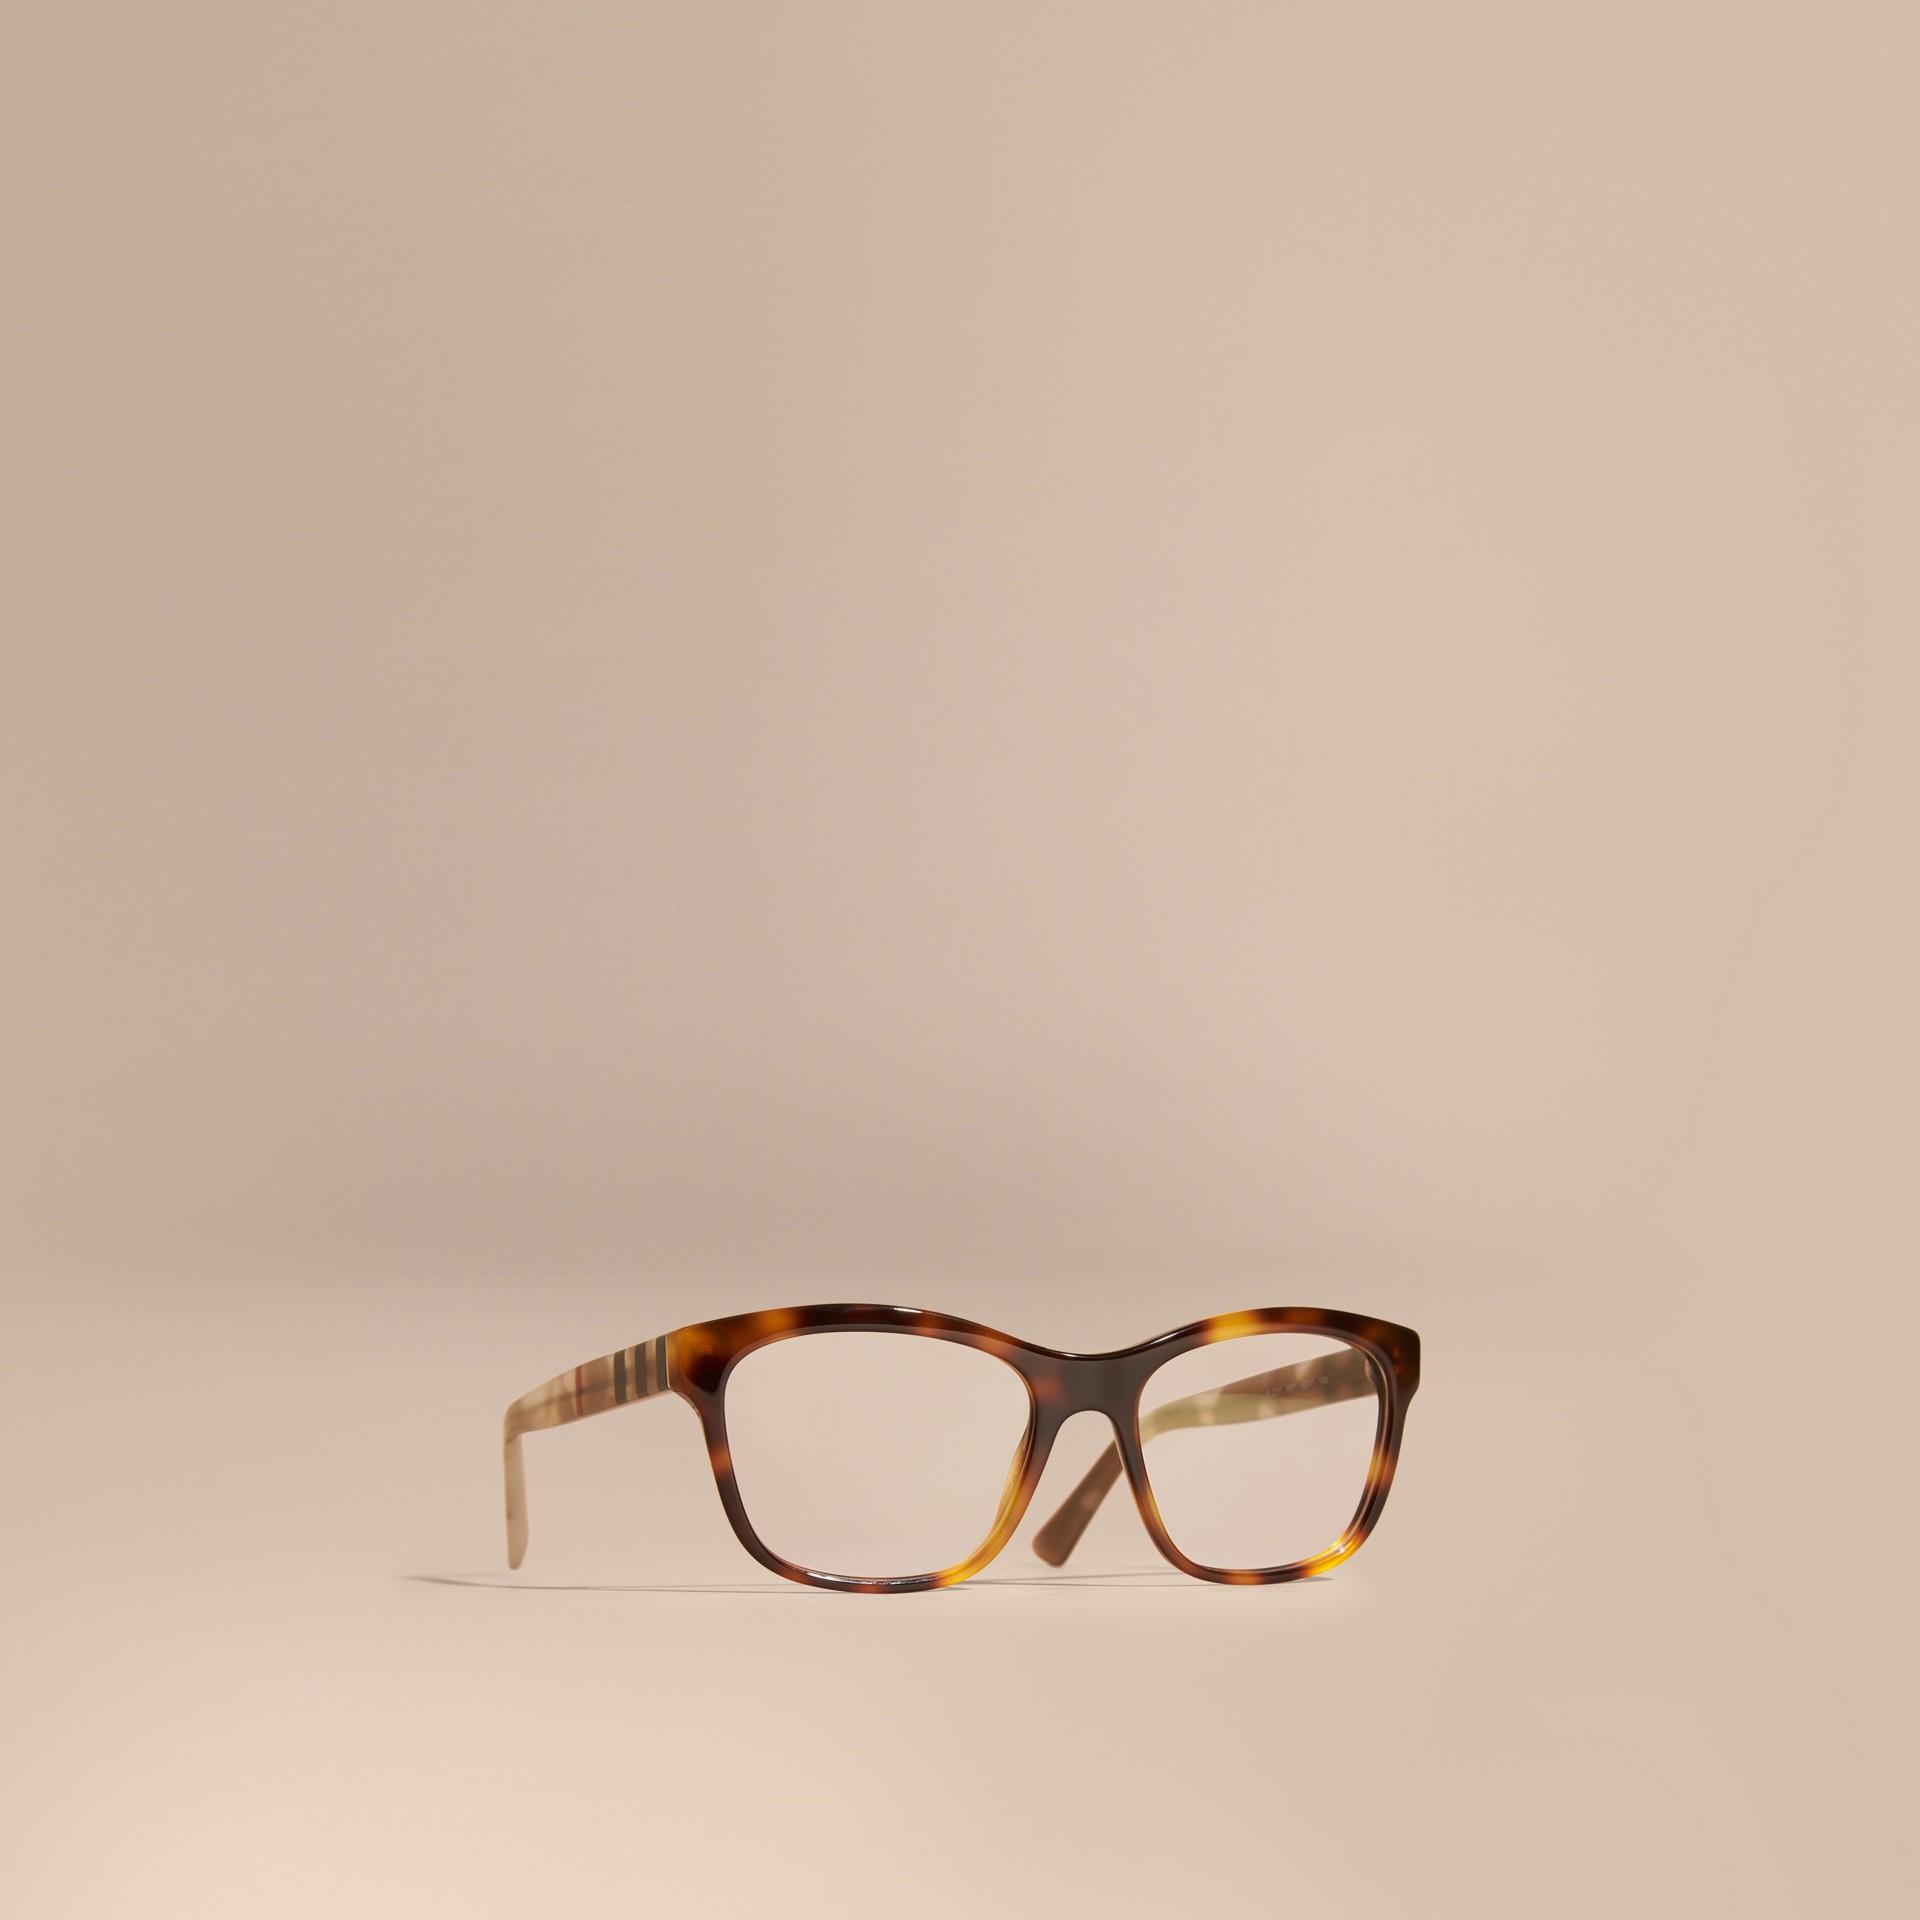 Monture carrée à motif check pour lunettes de vue (Brun Roux Clair) - Femme | Burberry - photo de la galerie 1